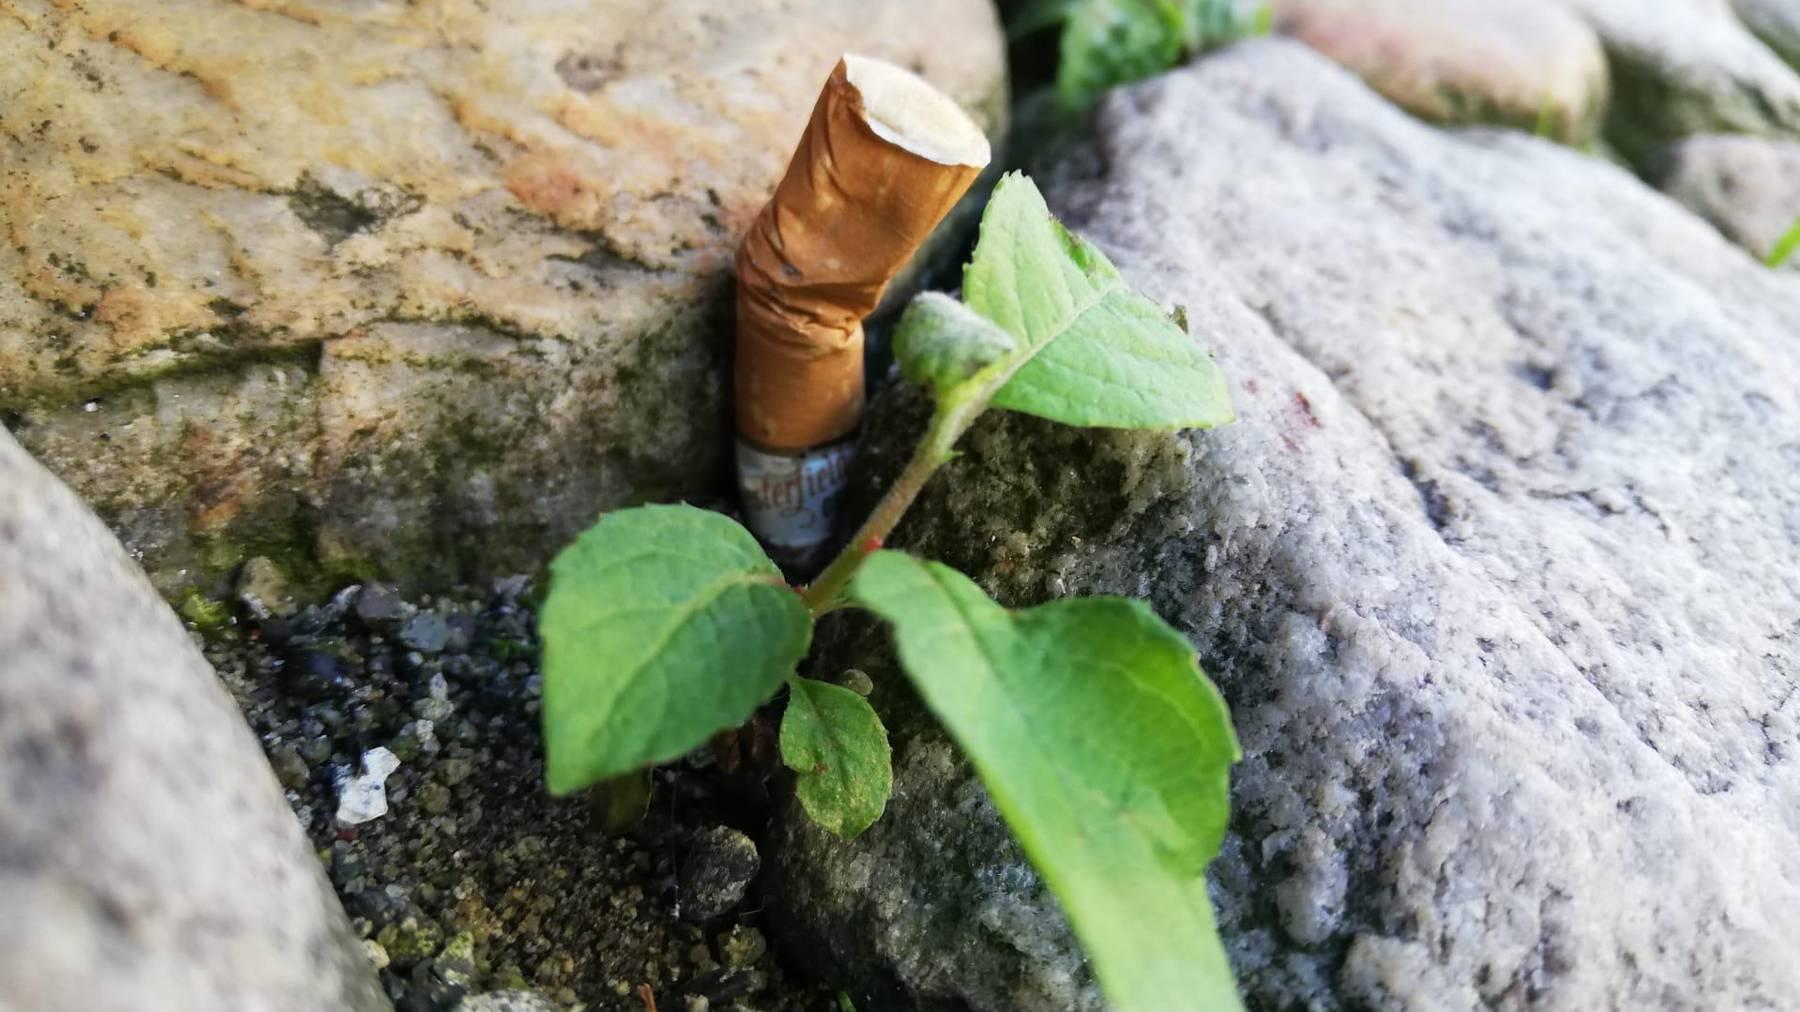 Stop 2 Drop Aktion - Zigarettenstummel, Umweltverschmutzung